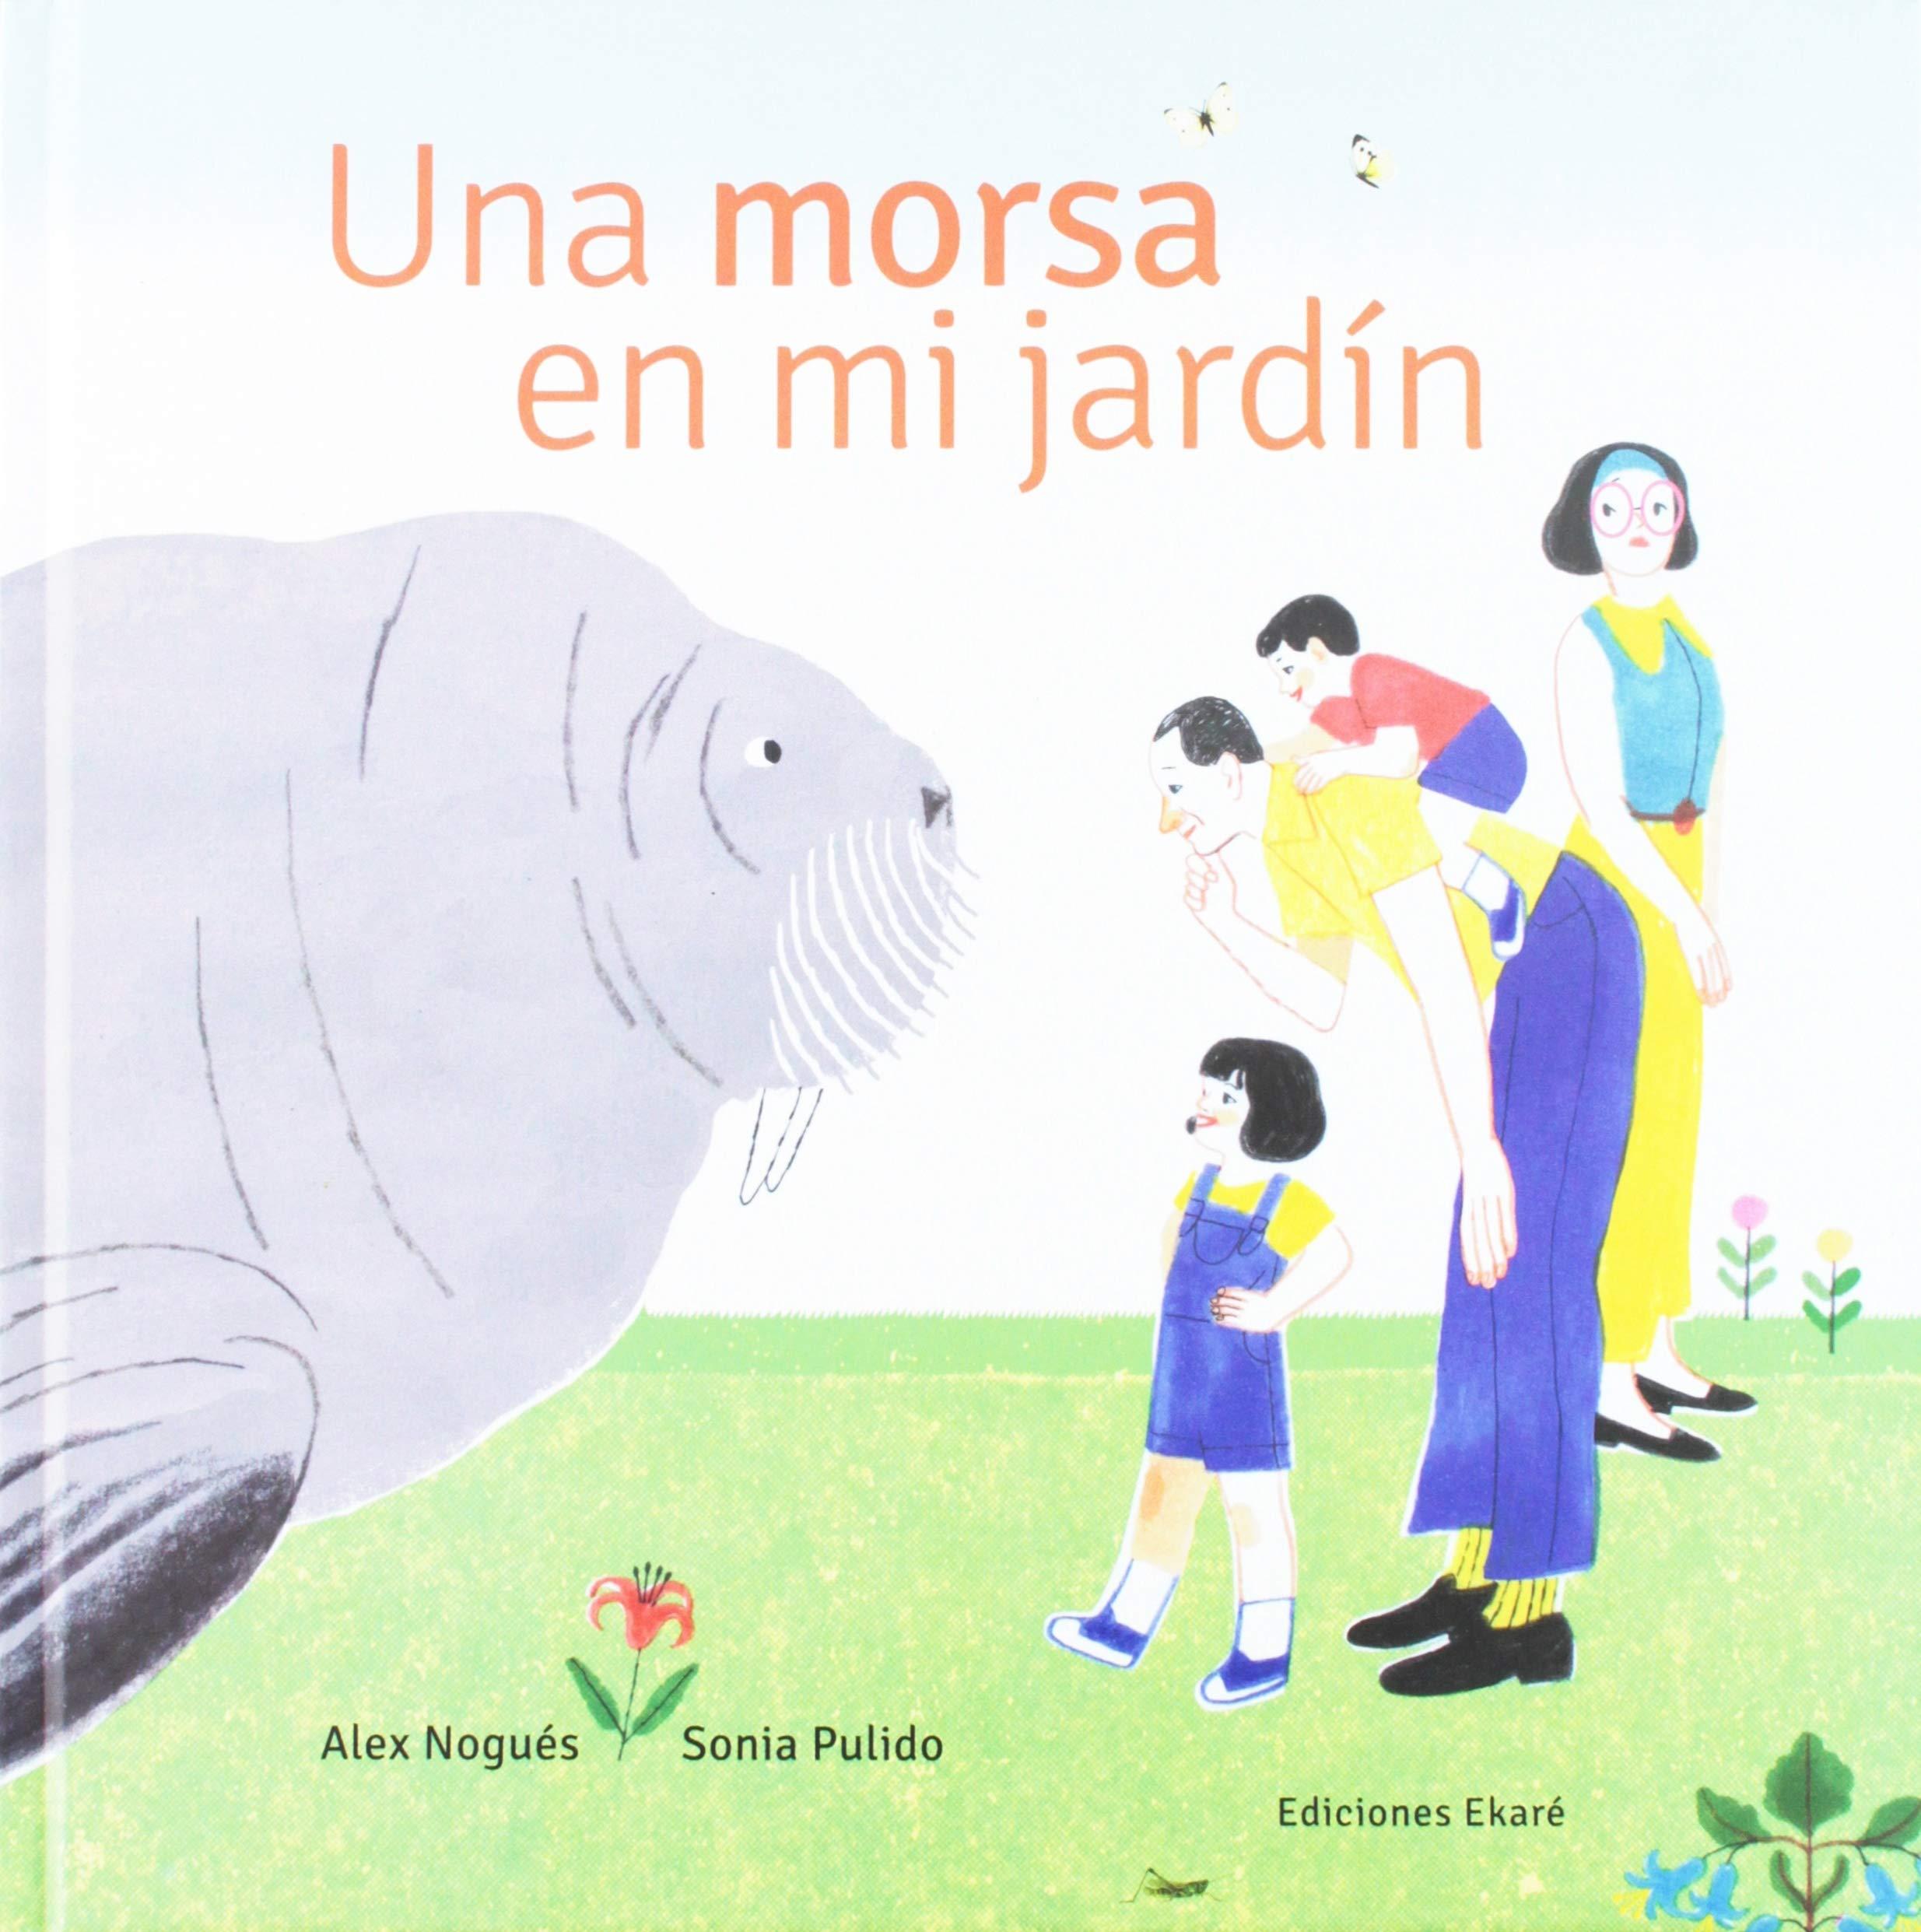 Una morsa en mi jardín: Amazon.es: Alex Nogués Otero, Sonia Pulido Flores: Libros